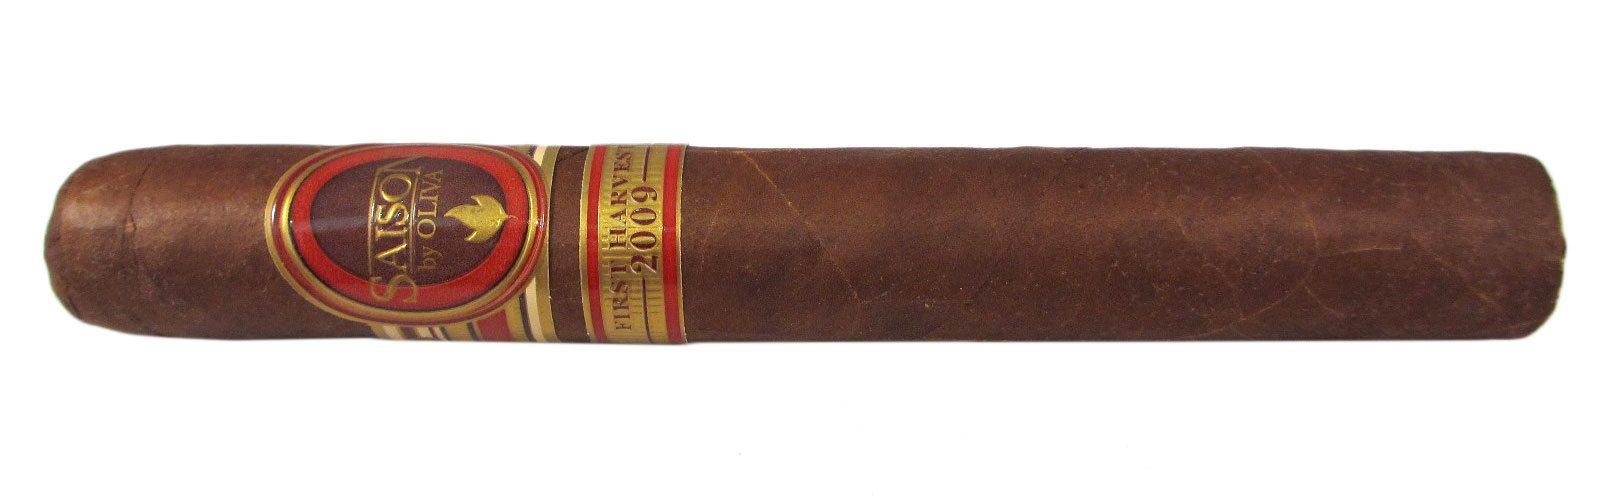 Blind Cigar Review: Oliva | Saison Toro